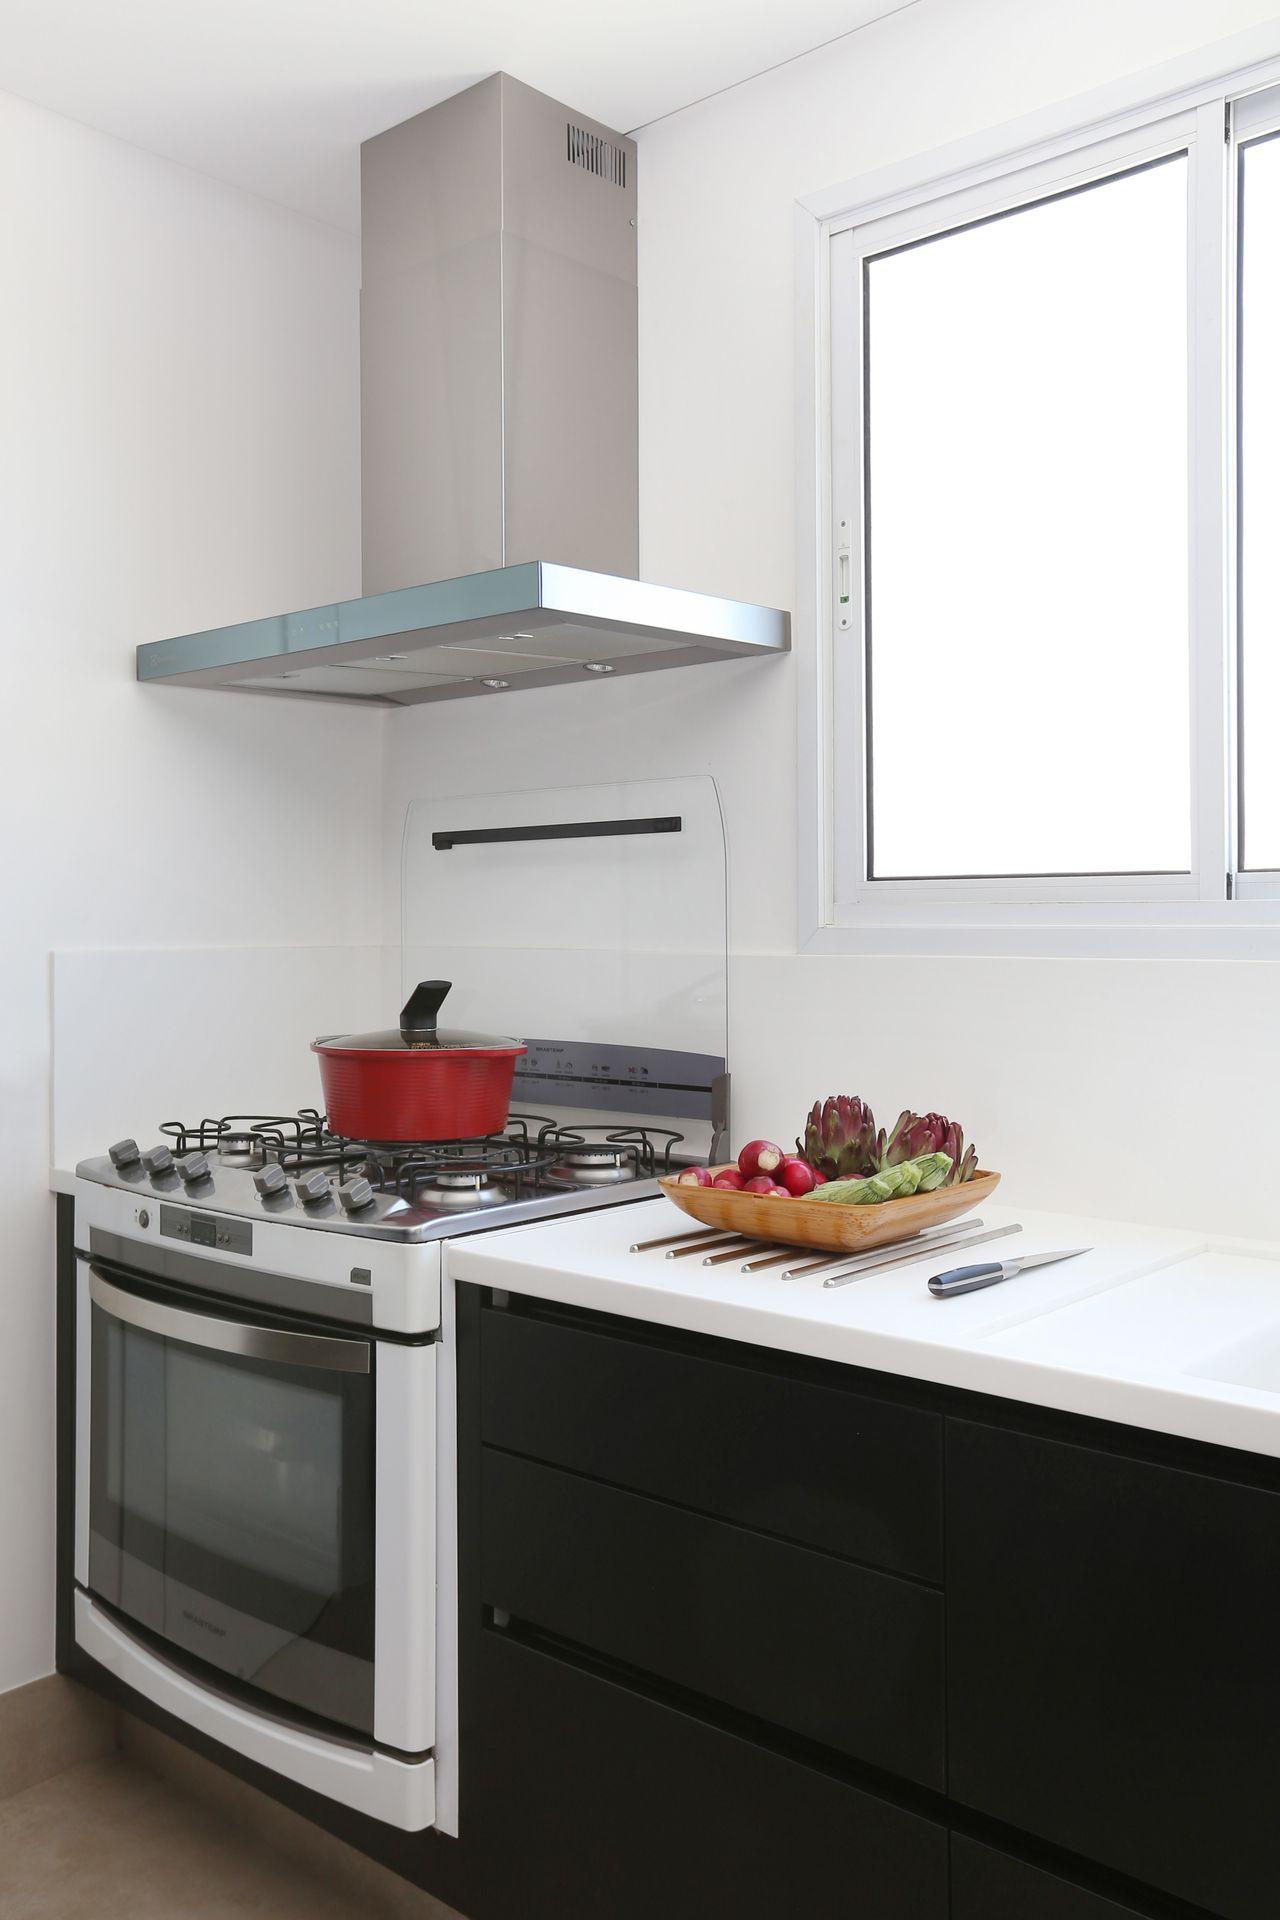 Cozinha Branca E Preta De Start Arquitetura 166831 No Viva Decora